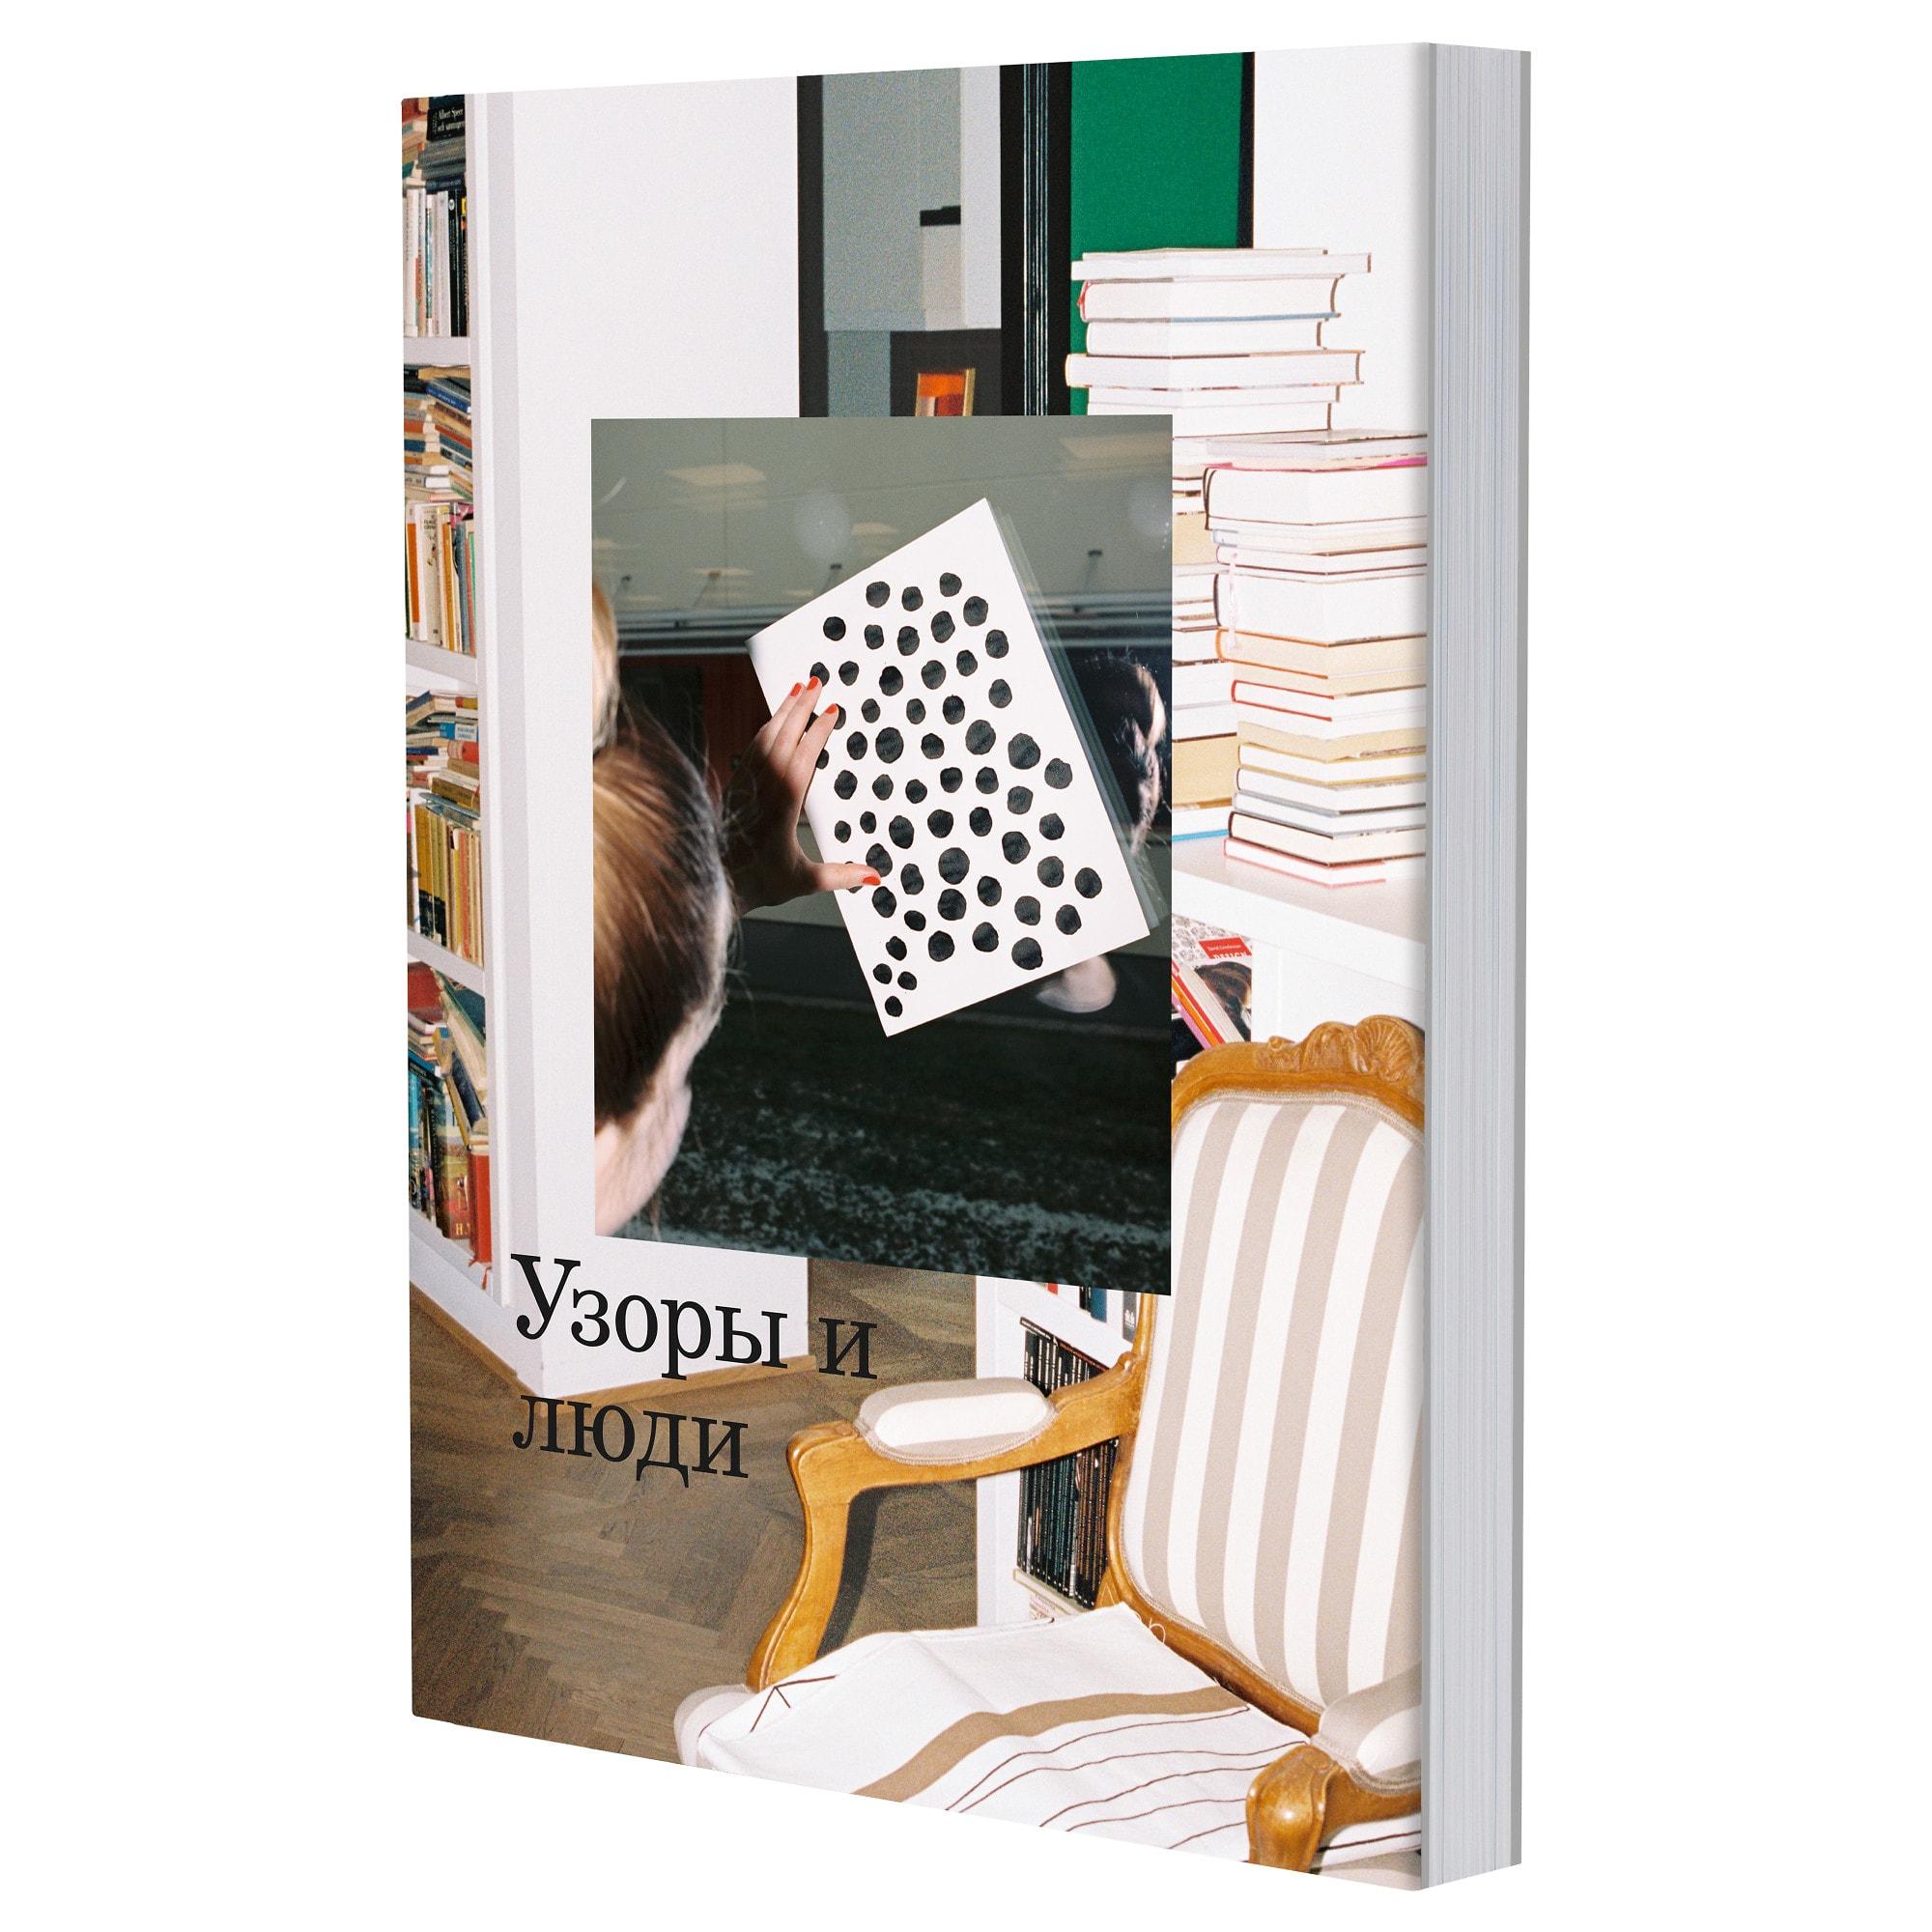 купить книга авсиктлиг 10 Gruppen узоры и люди в Ikea минск